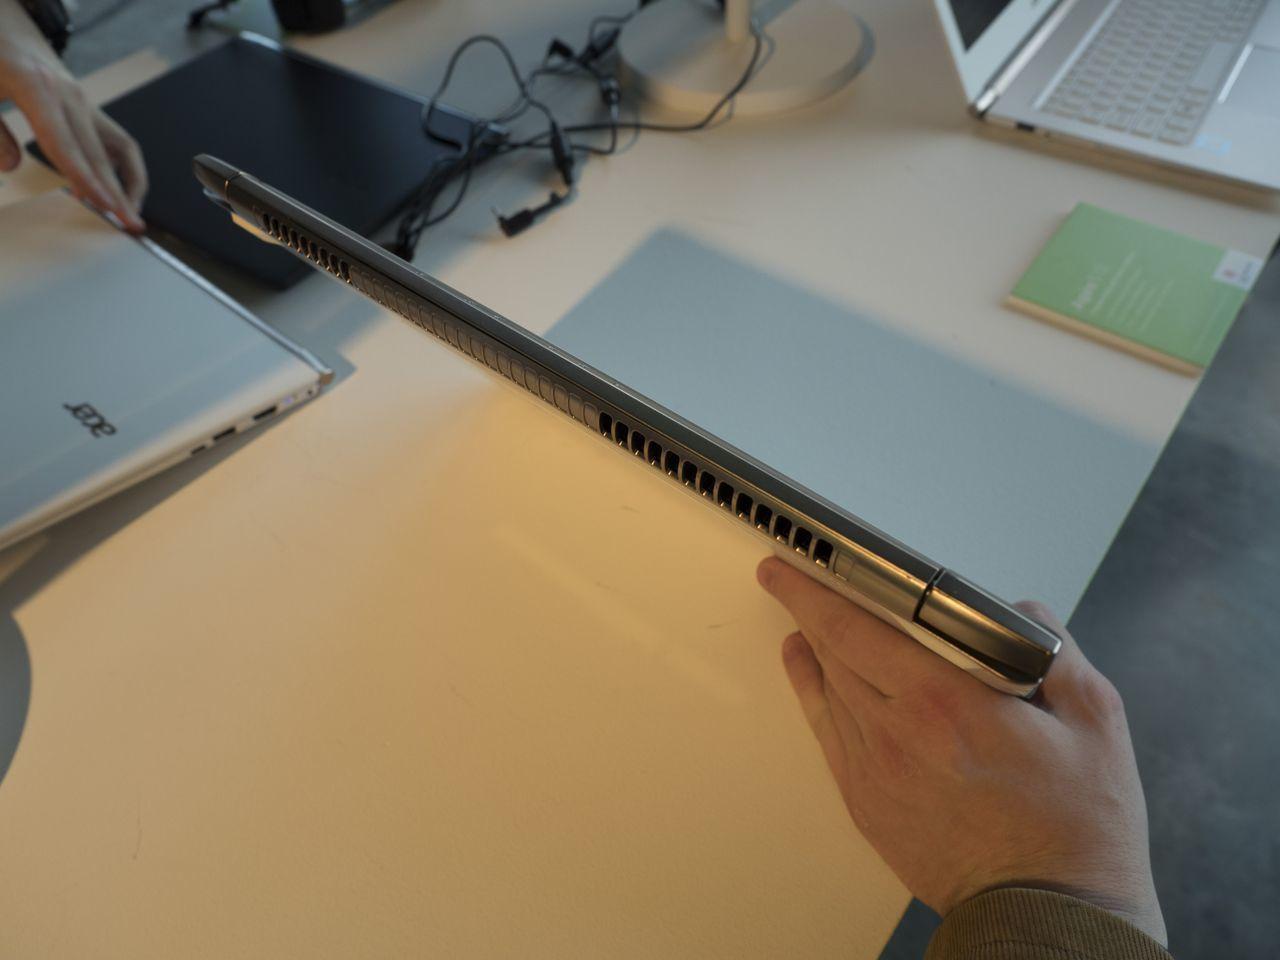 Next@Acer: Самый мощный игровой ноутбук с воздушным охлаждением, велокомпьютер, Chromebook для работы и другие новинки - 46